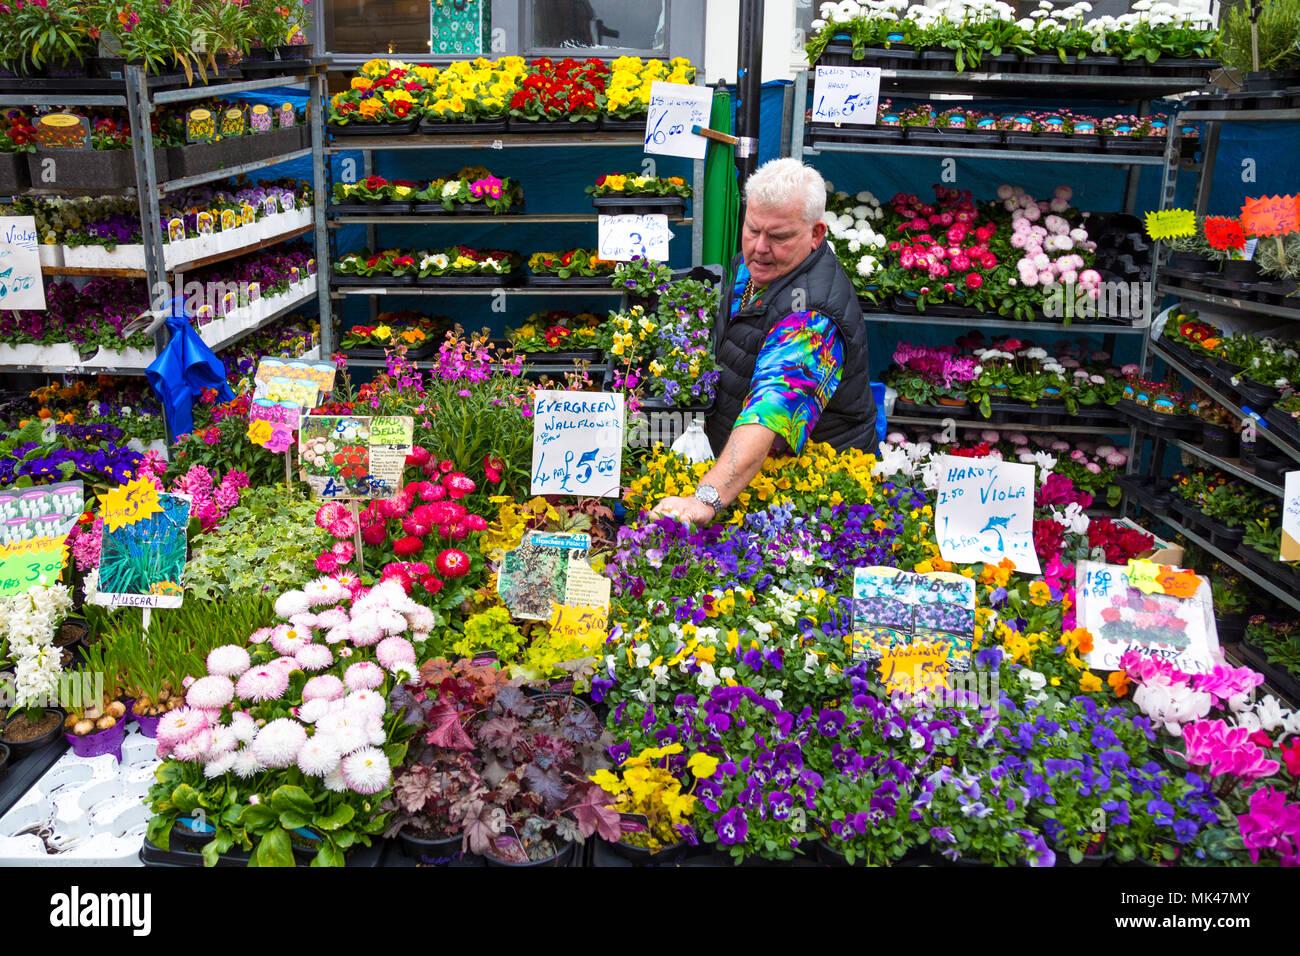 Marchande de fleurs à son échoppe dans la Columbia Road Flower Market, London, UK Photo Stock